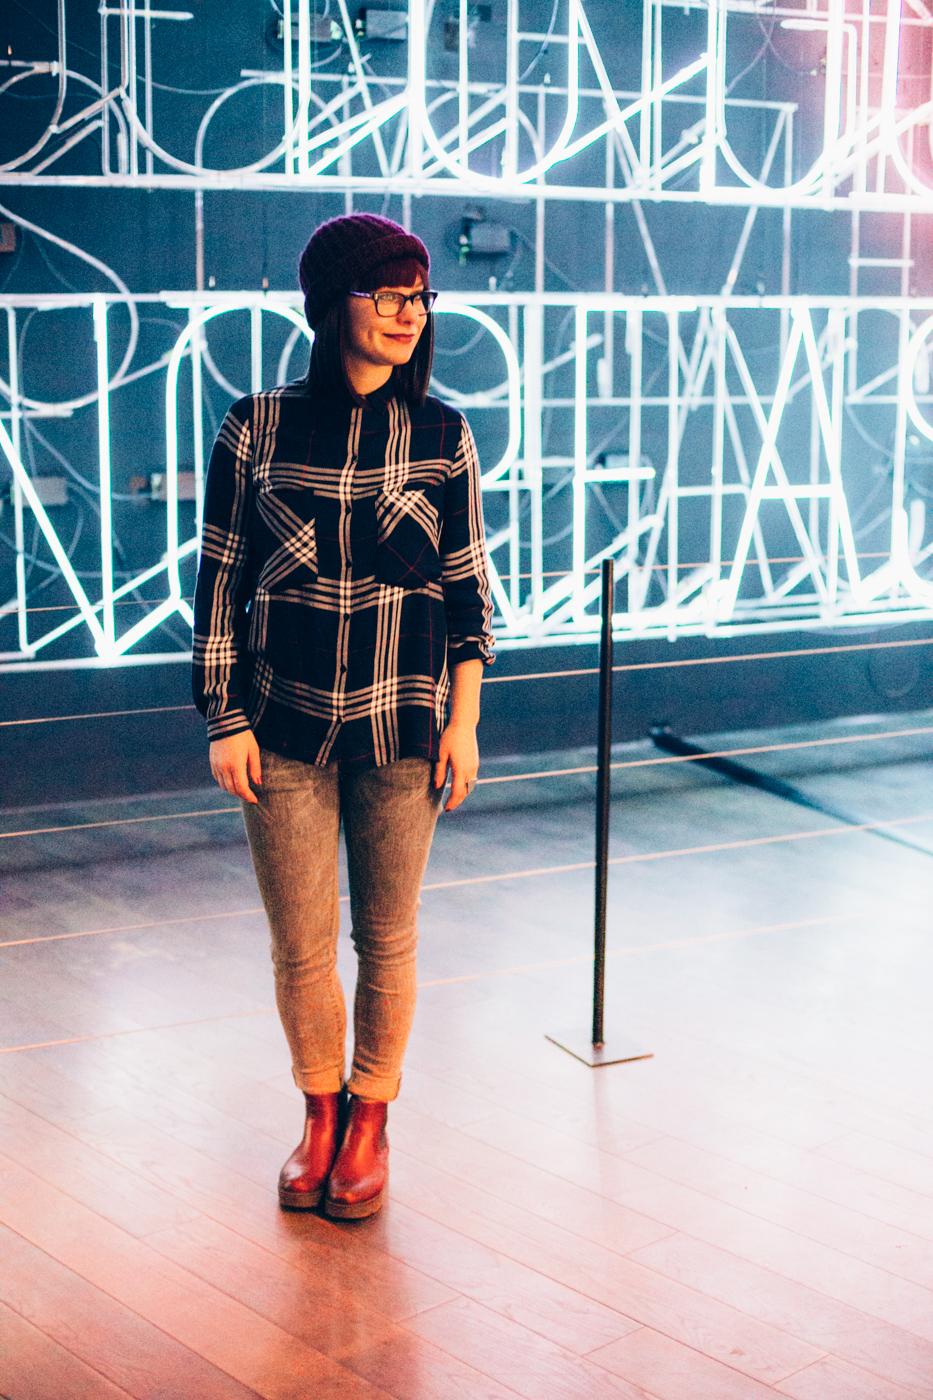 Sagmeister-Neon-Typo